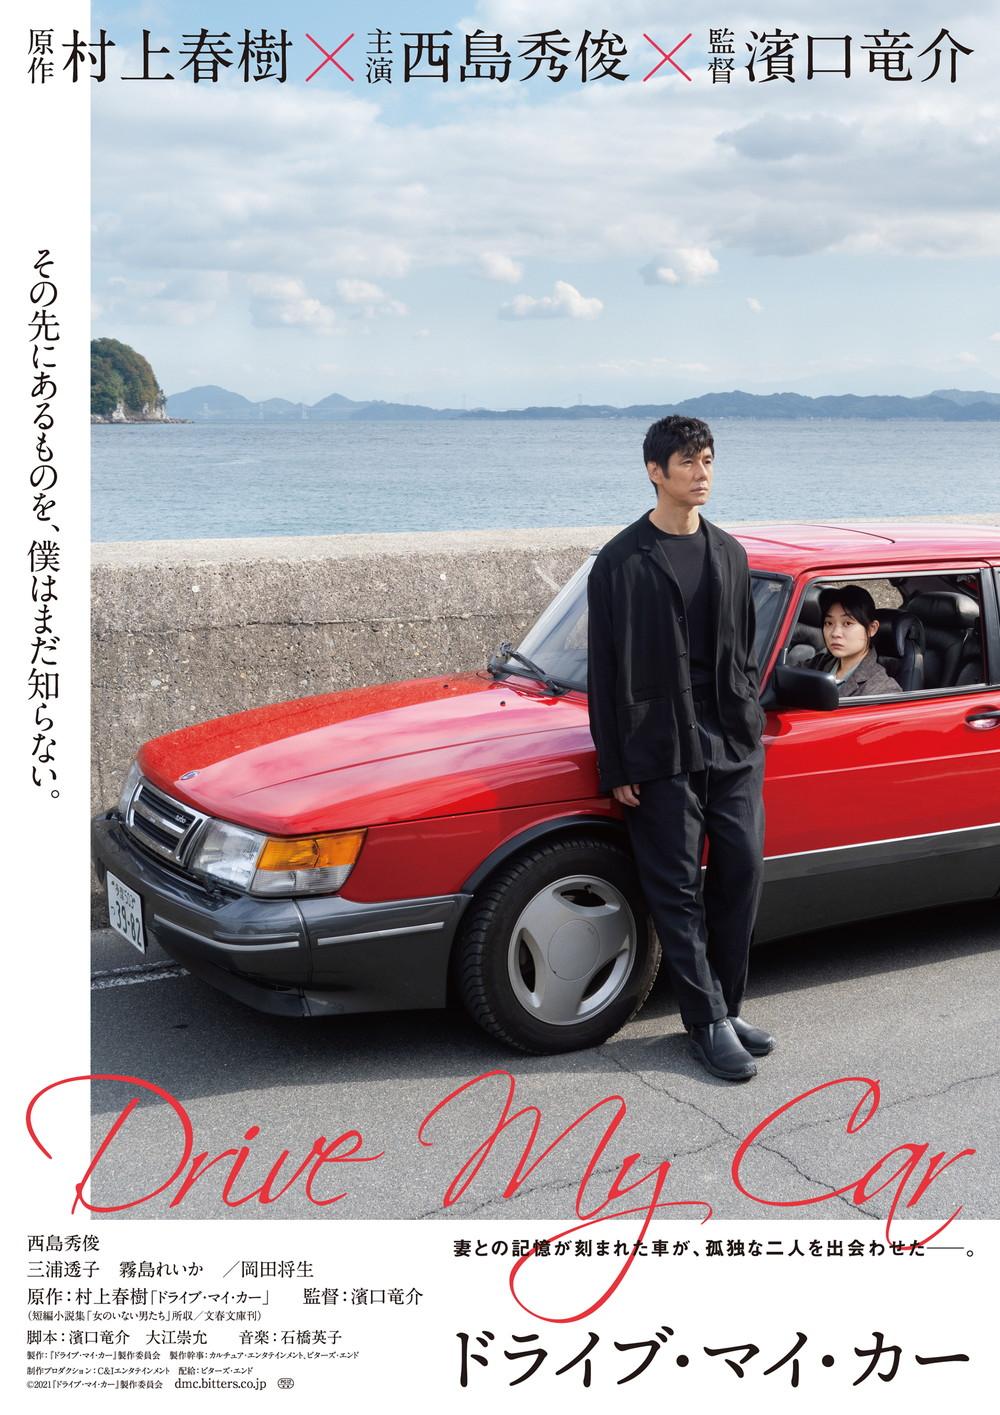 ドライブ・マイ・カー_ティザービジュアル